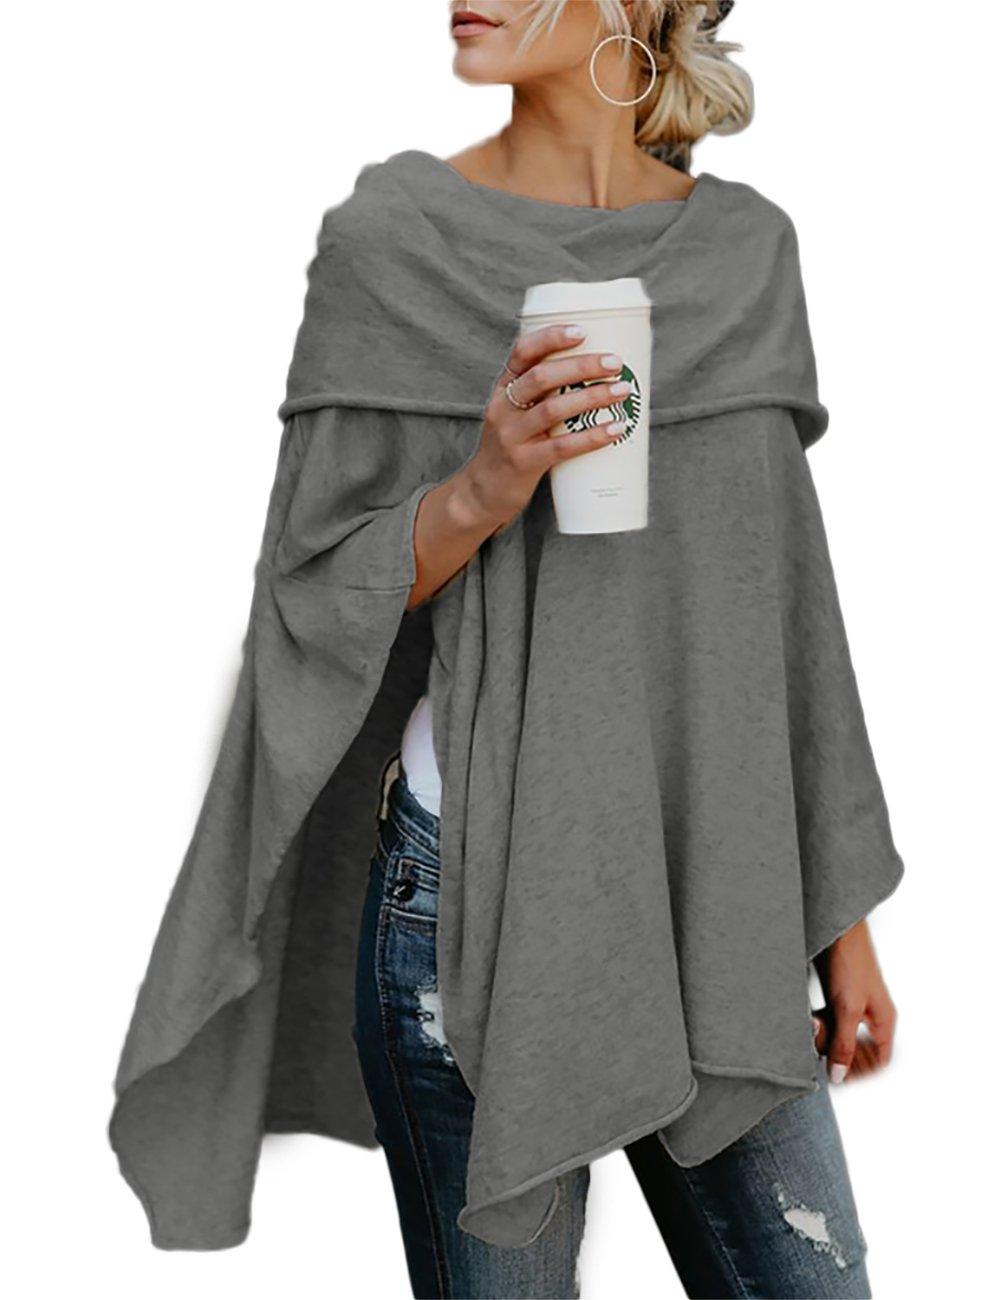 VintageRose Womens Off Shoulder Ruched Irregular Hem Loose Pullover Top Blouse,X-Large,Gray